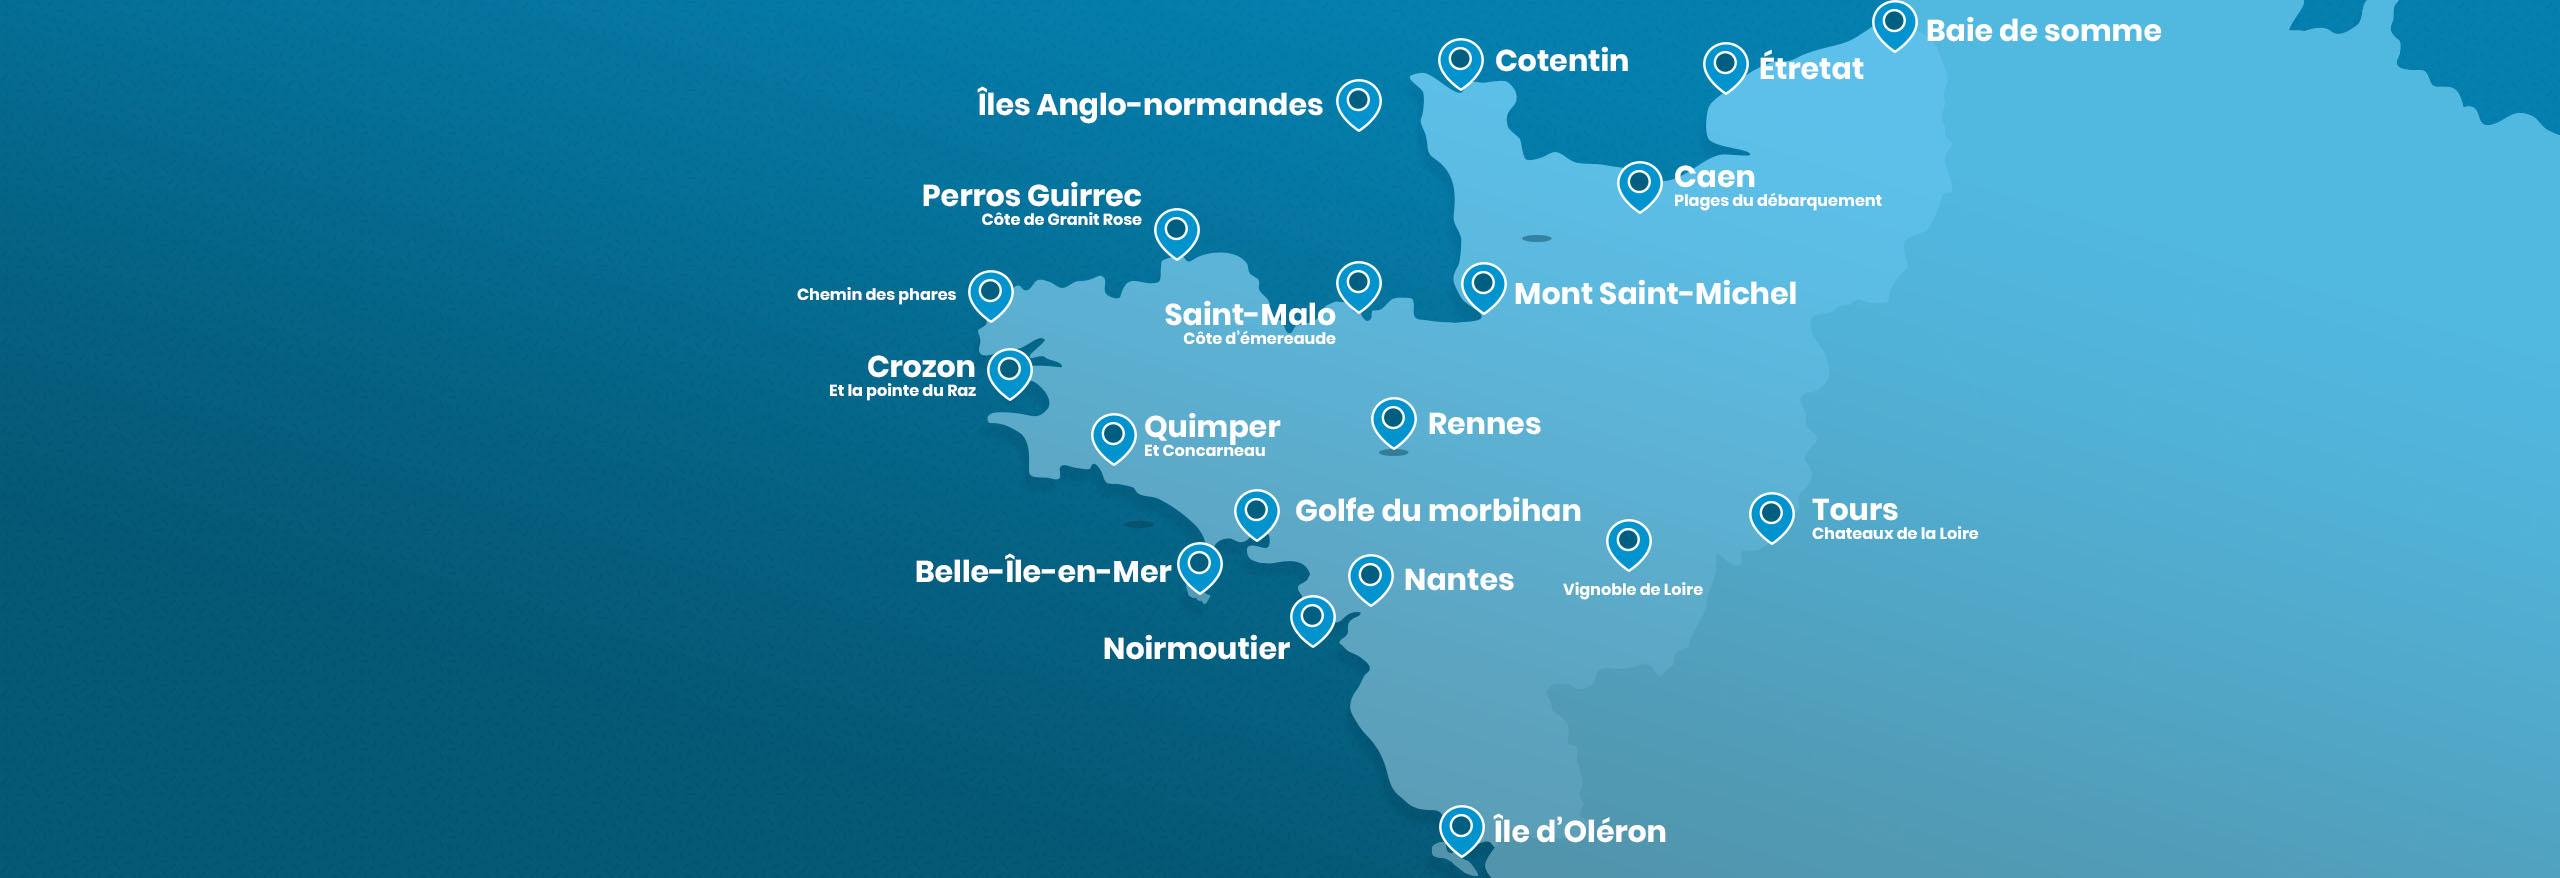 Carte ouest de la France